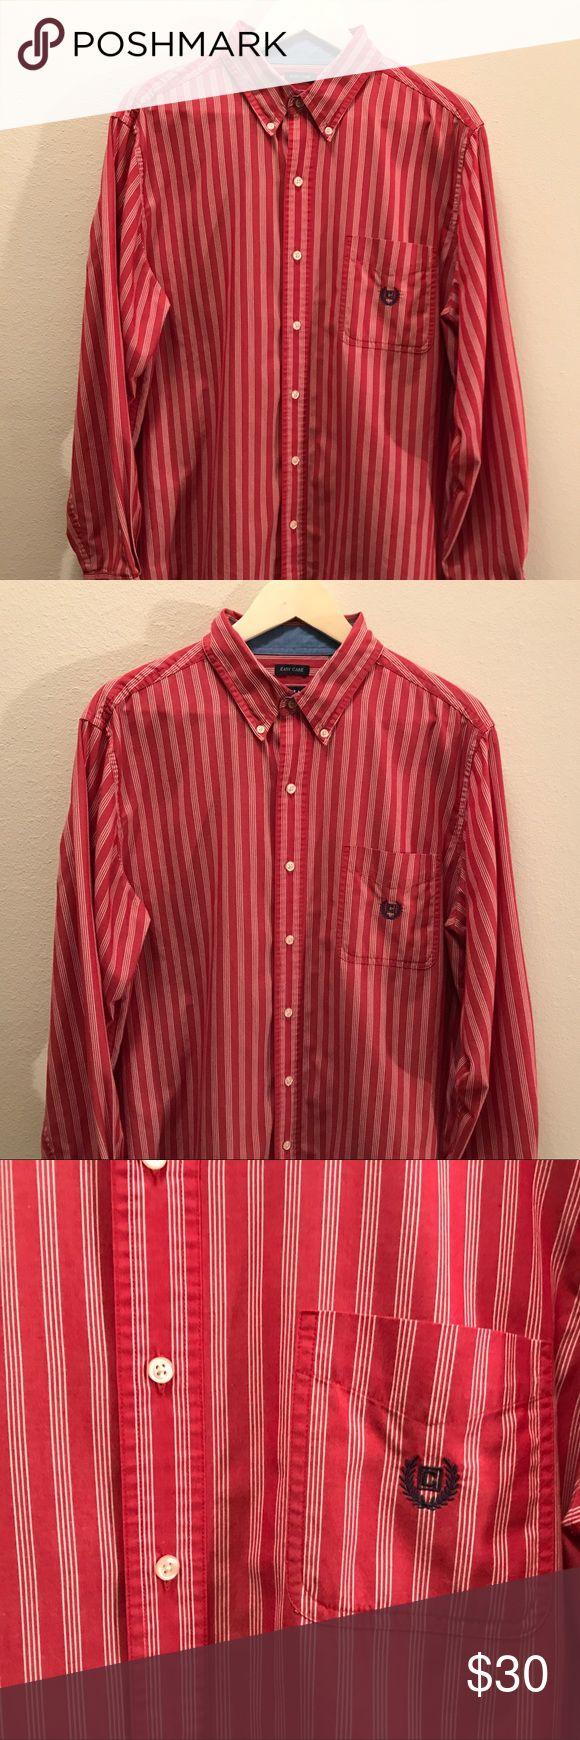 SALE! Vintage Chaps Shirt - Mint Condition! Vintage Chaps Striped Shirt  Red and White Striped Shirt  Mint Condition! Chaps Shirts Casual Button Down Shirts